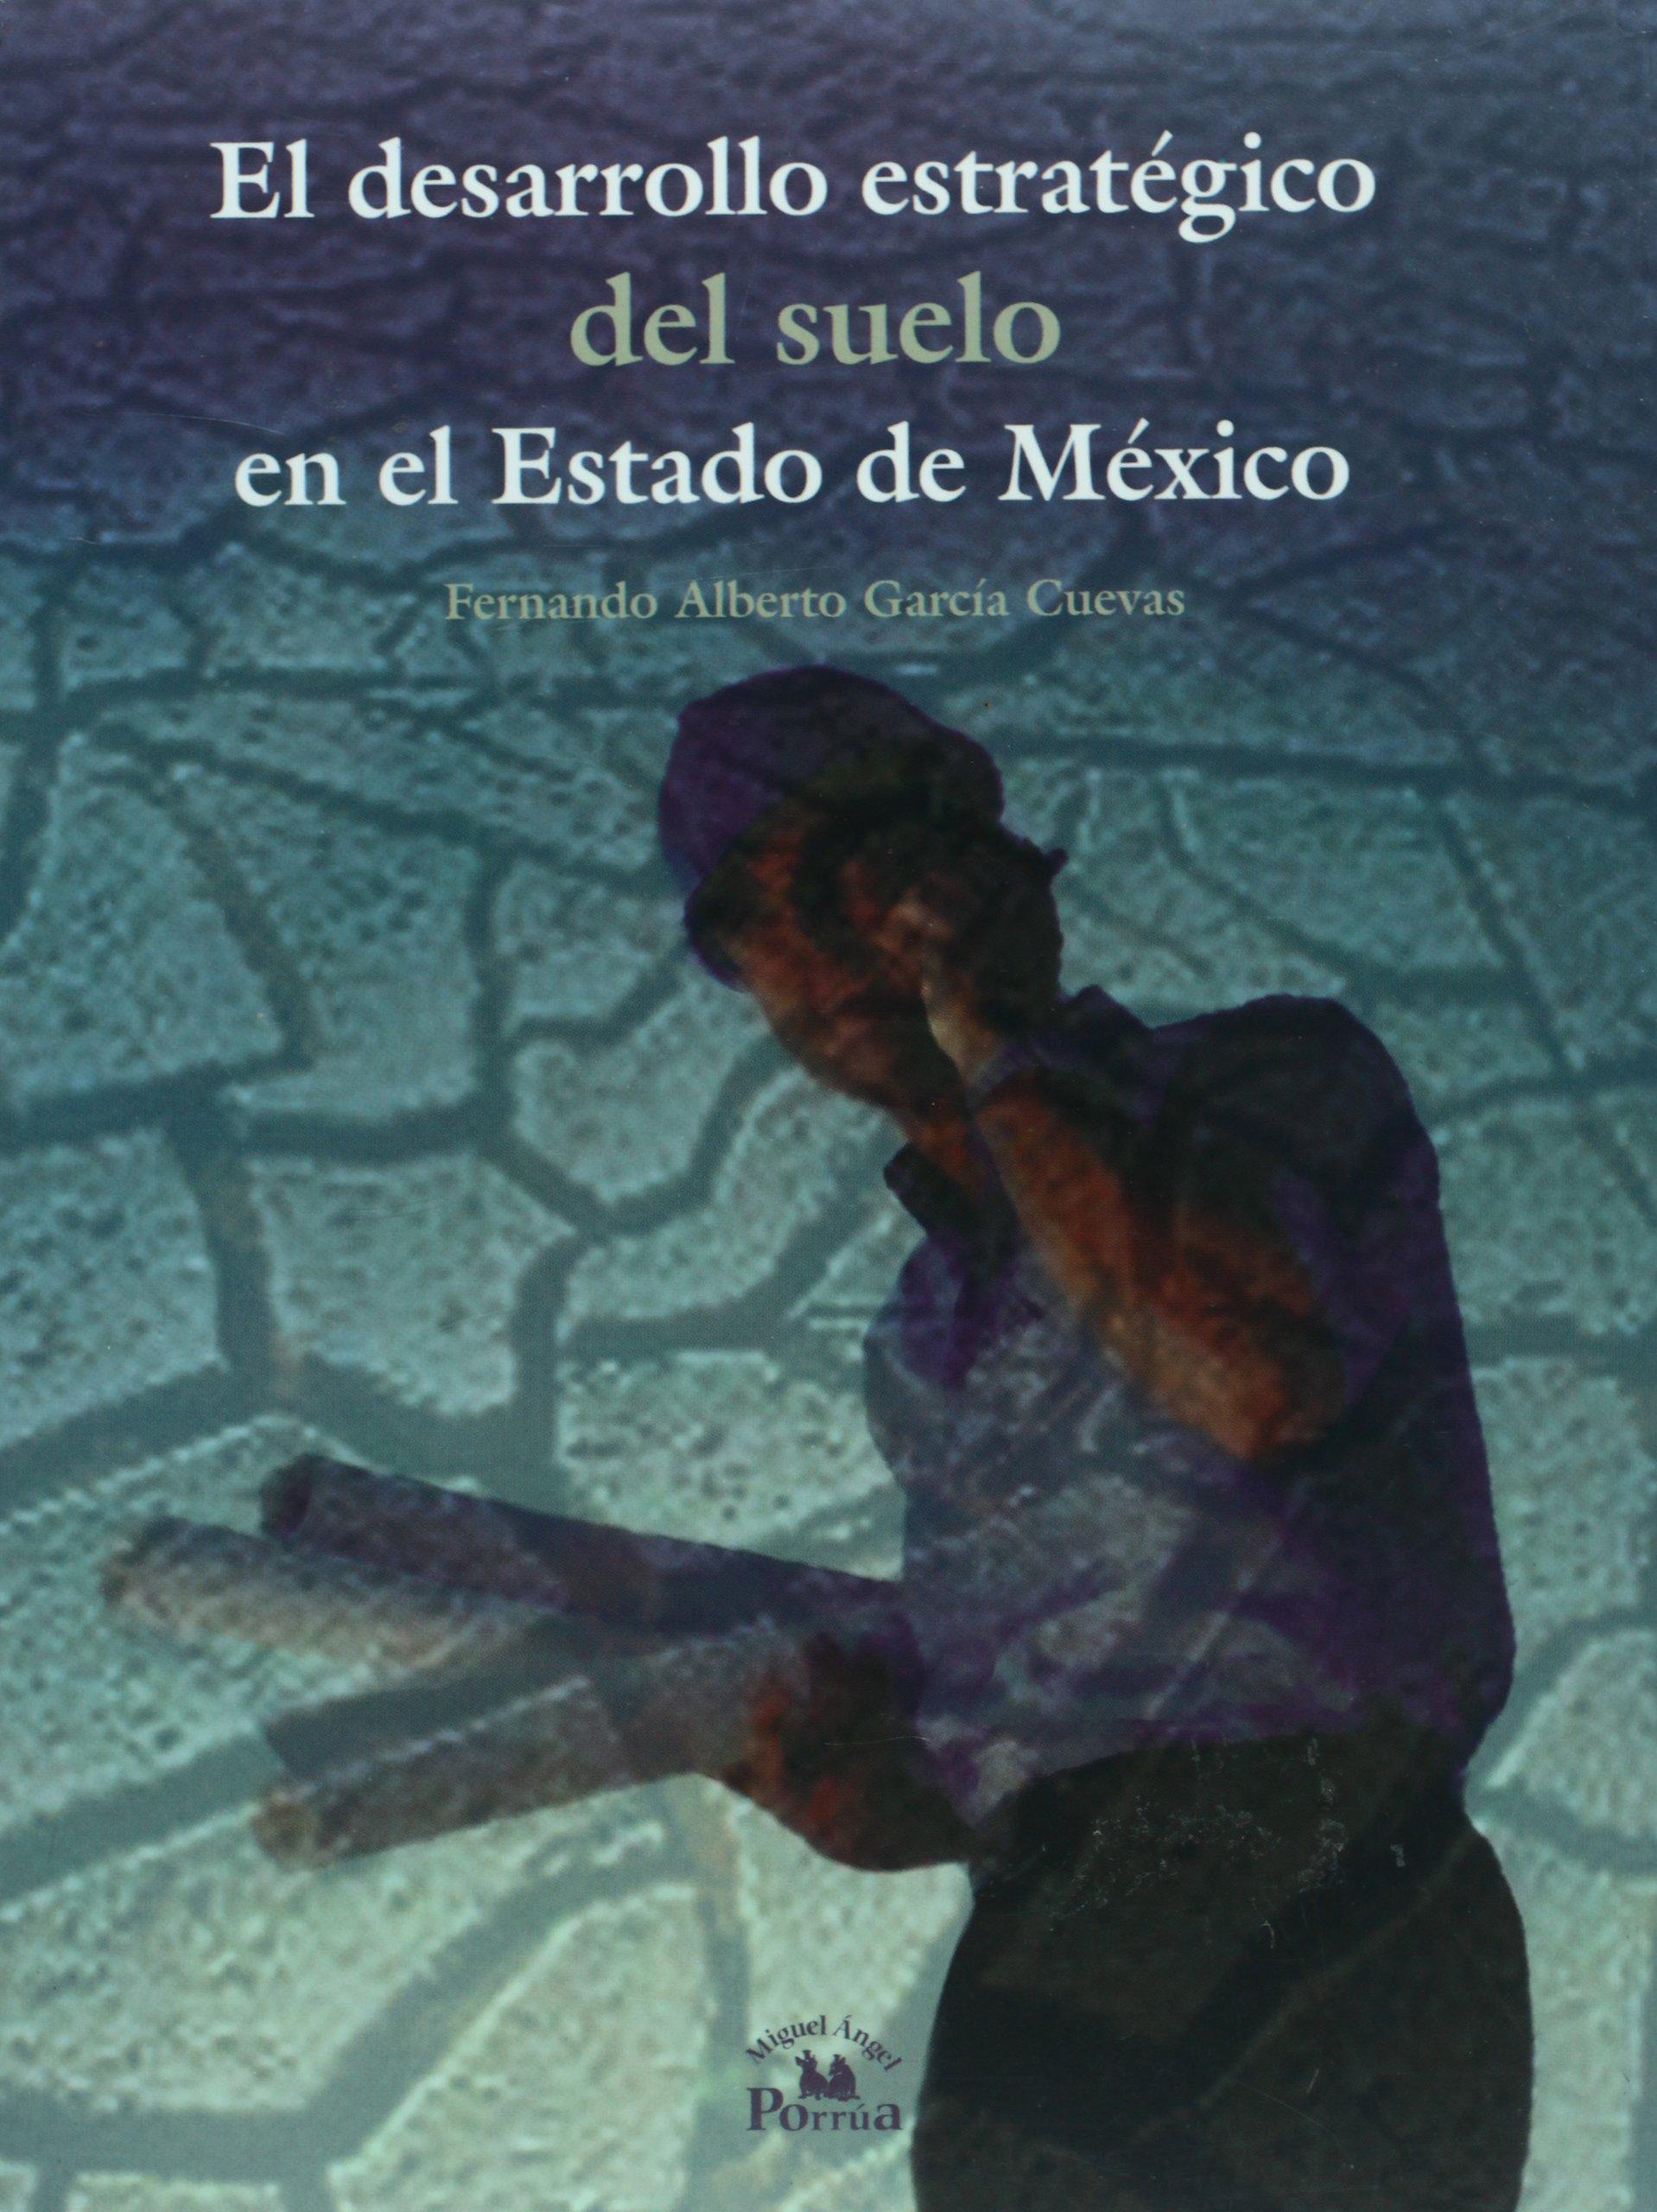 El desarrollo estrategico del suelo en el Estado de Mexico ...